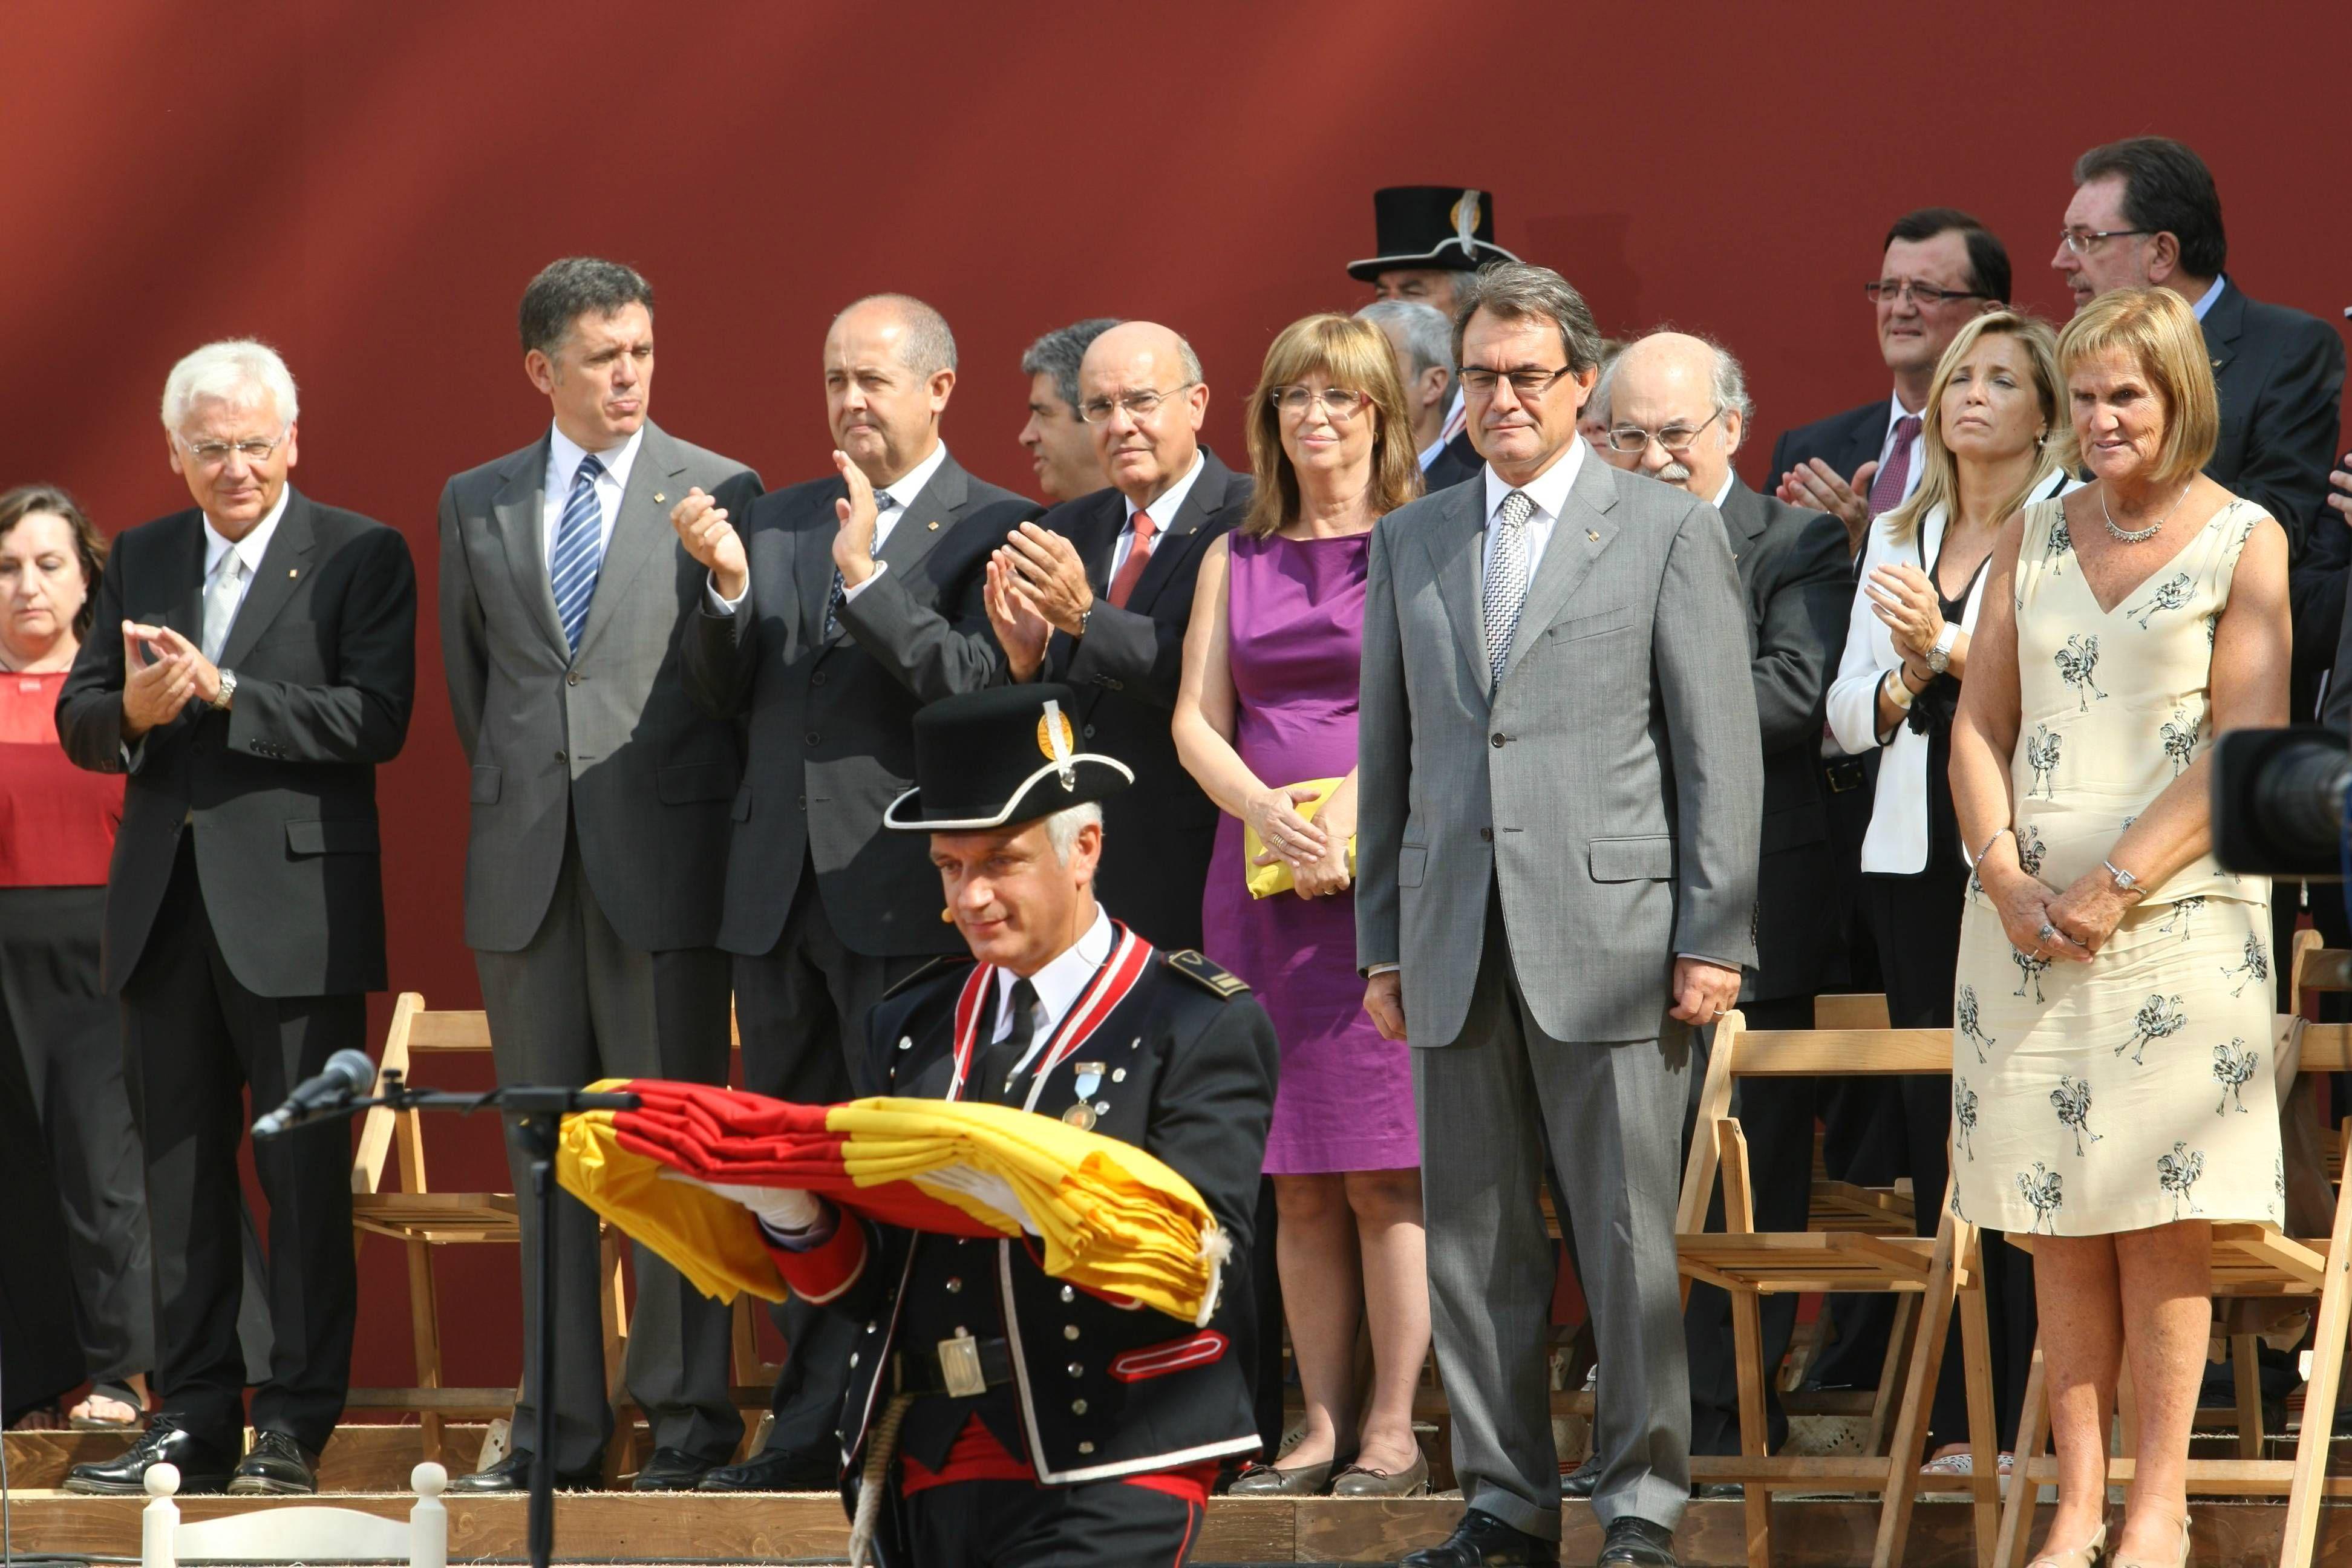 El govern en el acto del parque de la Ciutadella. RICARD CUGAT